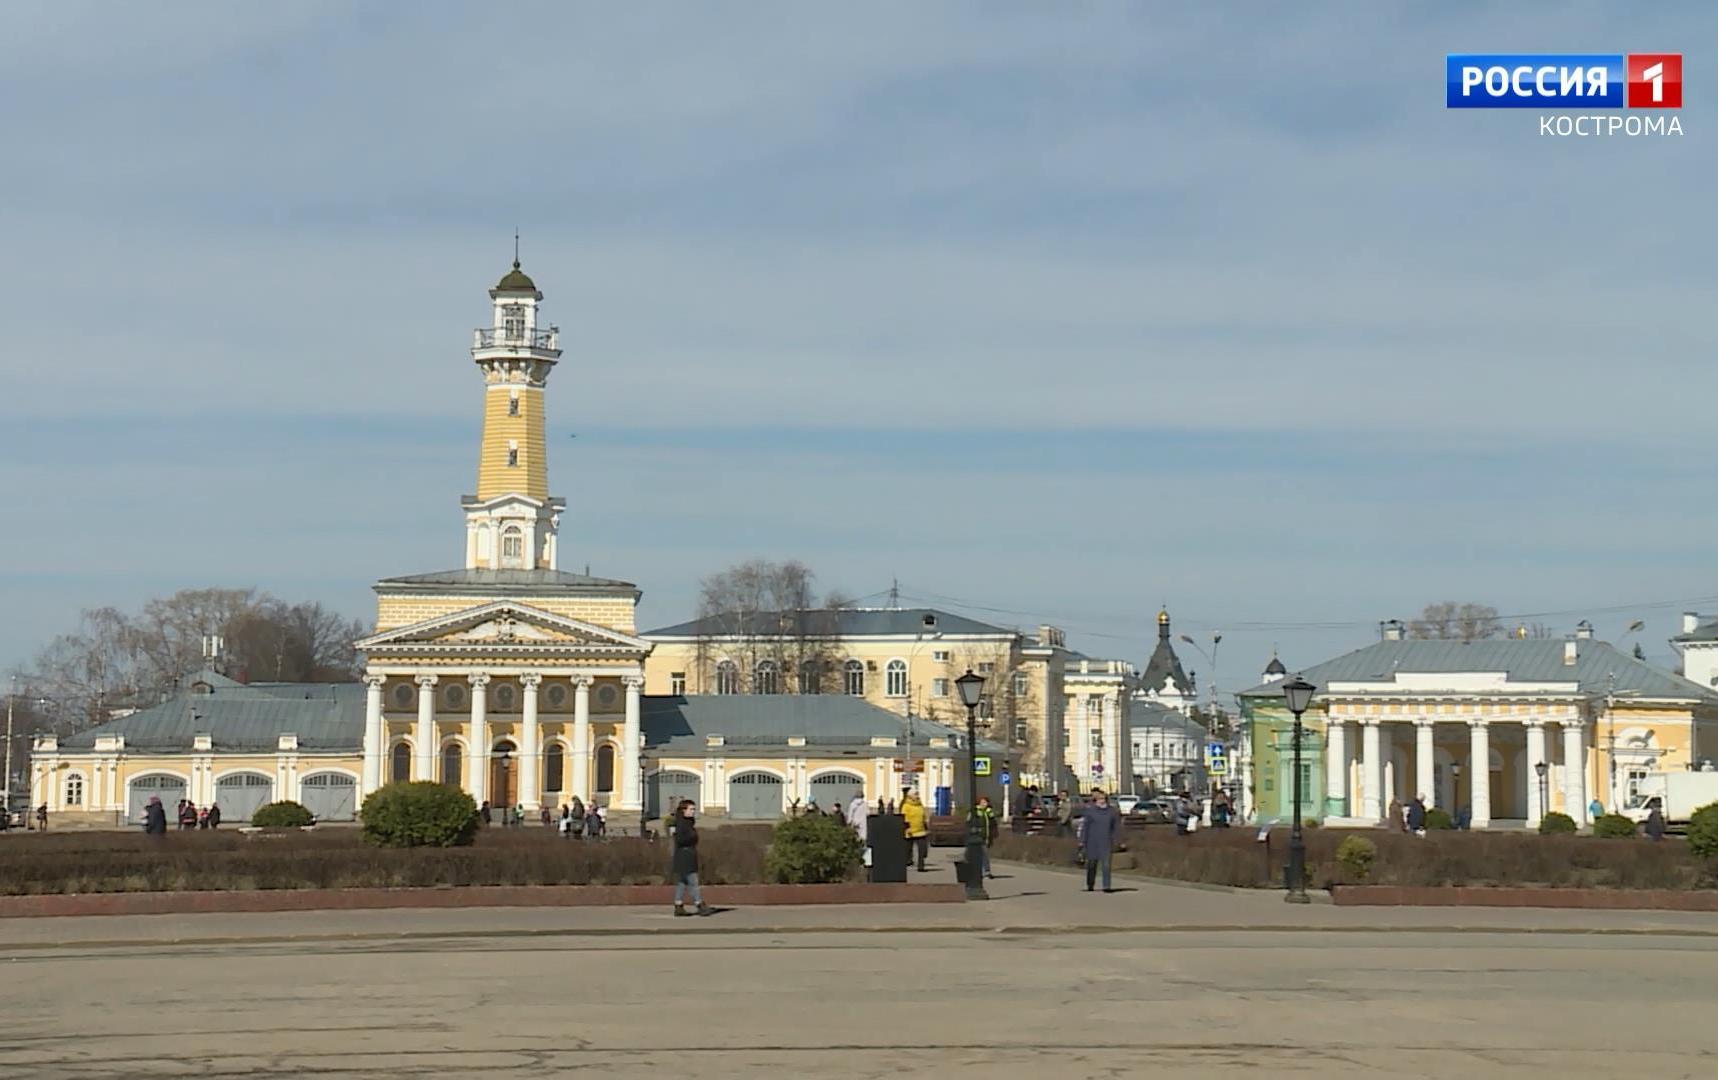 Главное сегодня                                                                                        час назад                                                                                                                                                                                                                                                                                               Табу на массовые мероприятия в Костромской области продлили на две недели                                                                Запрет будет действовать по меньшей мере до 11 апреля.